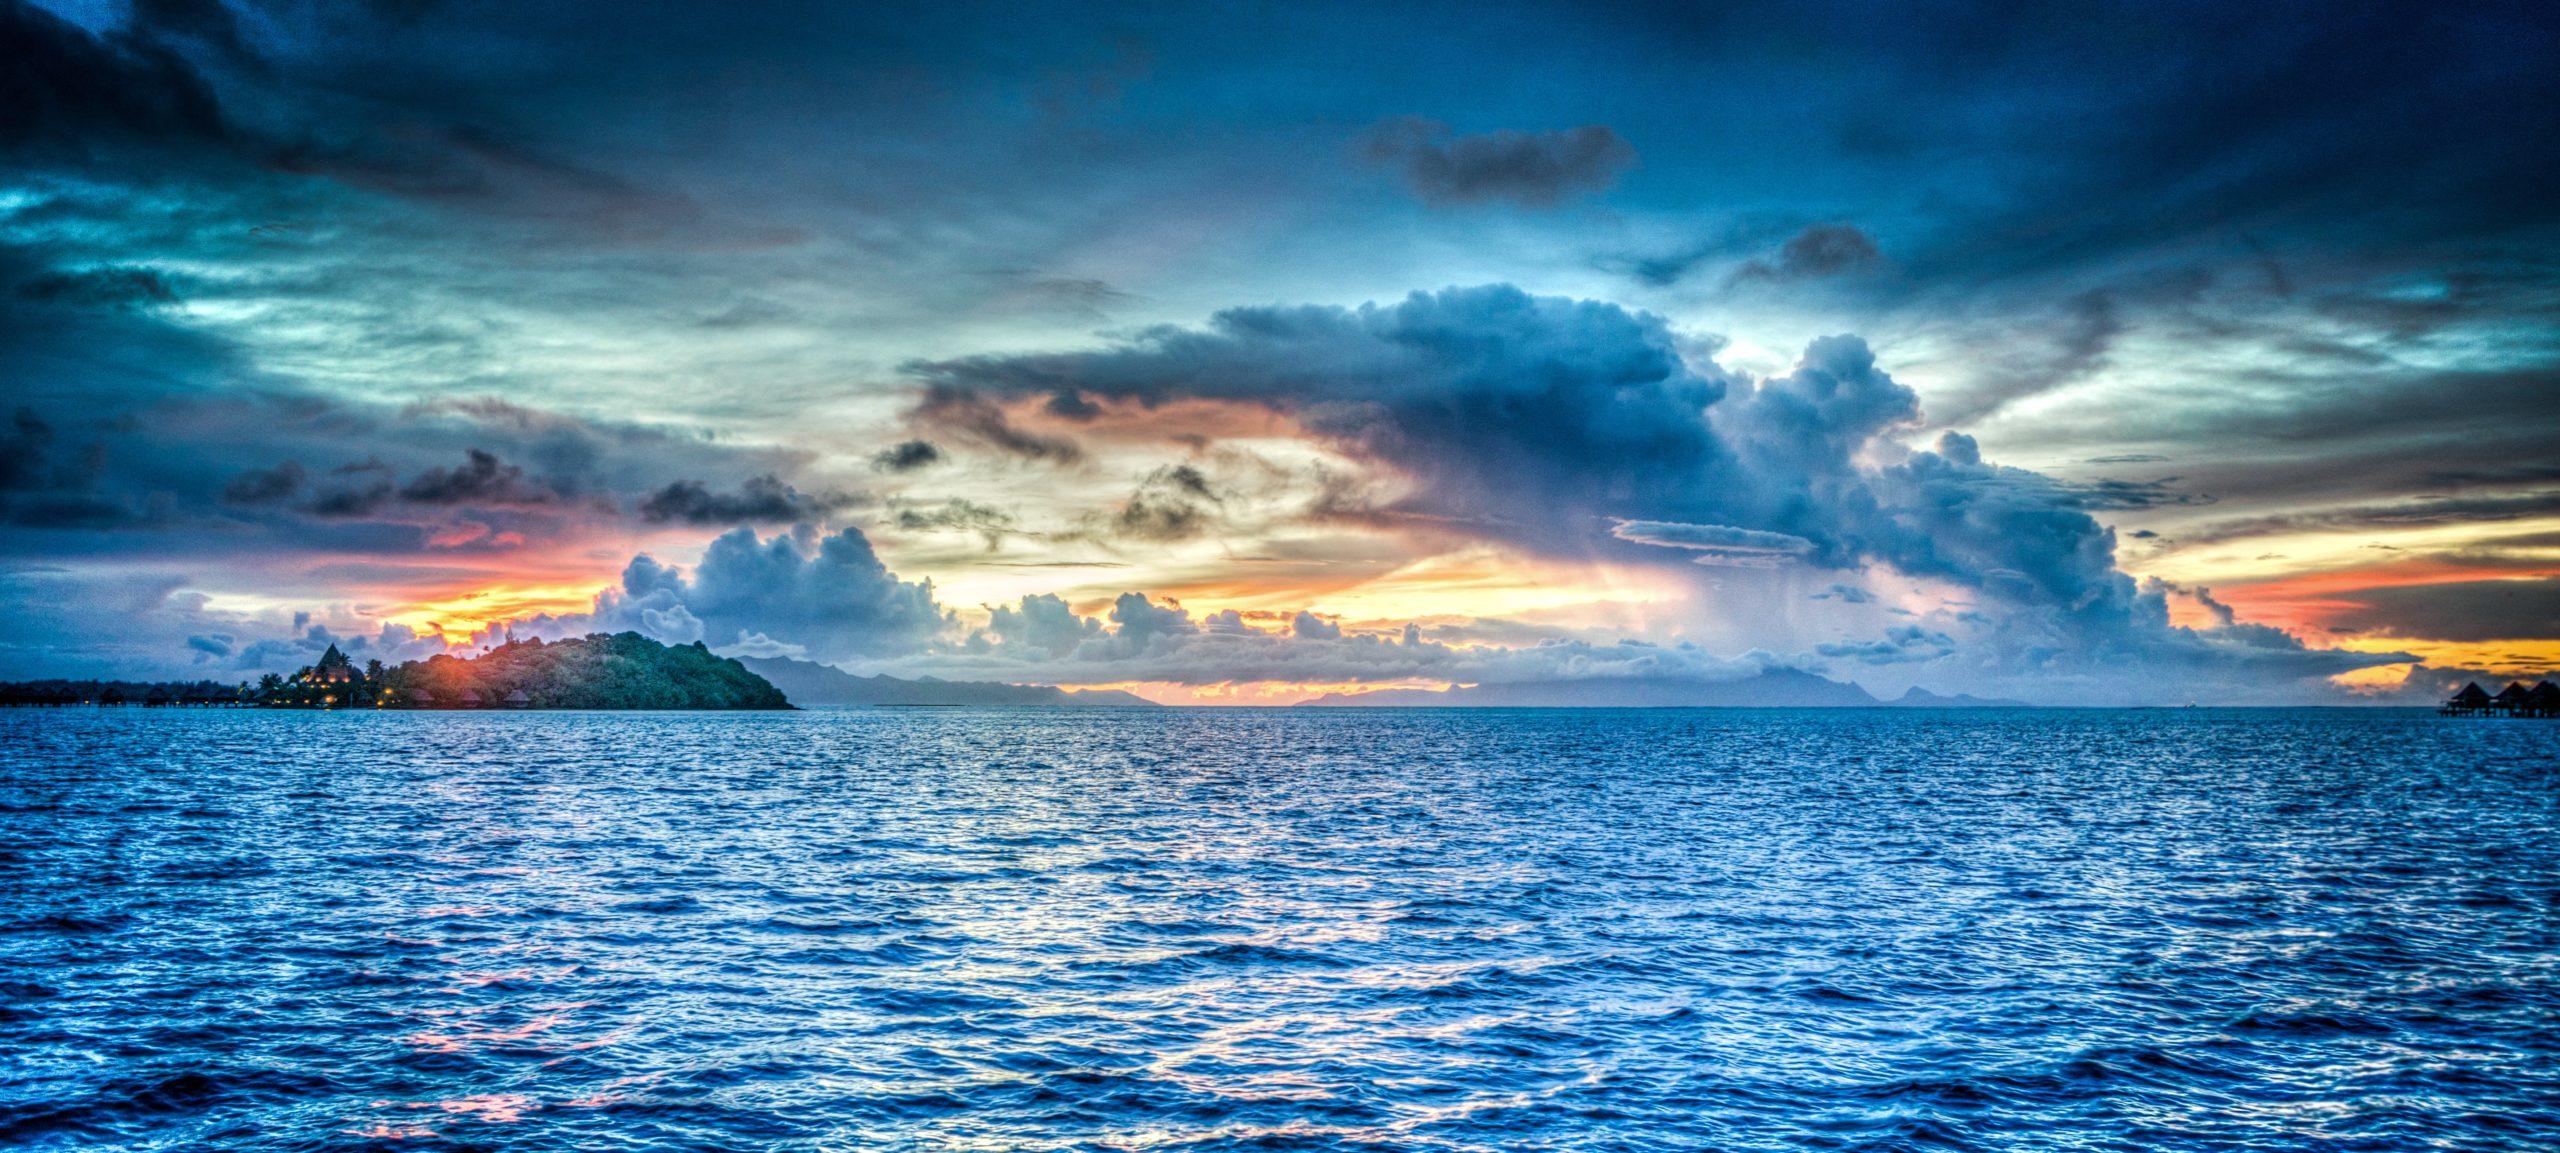 Blick aufs Meer, der Entspannung hervorrufen soll